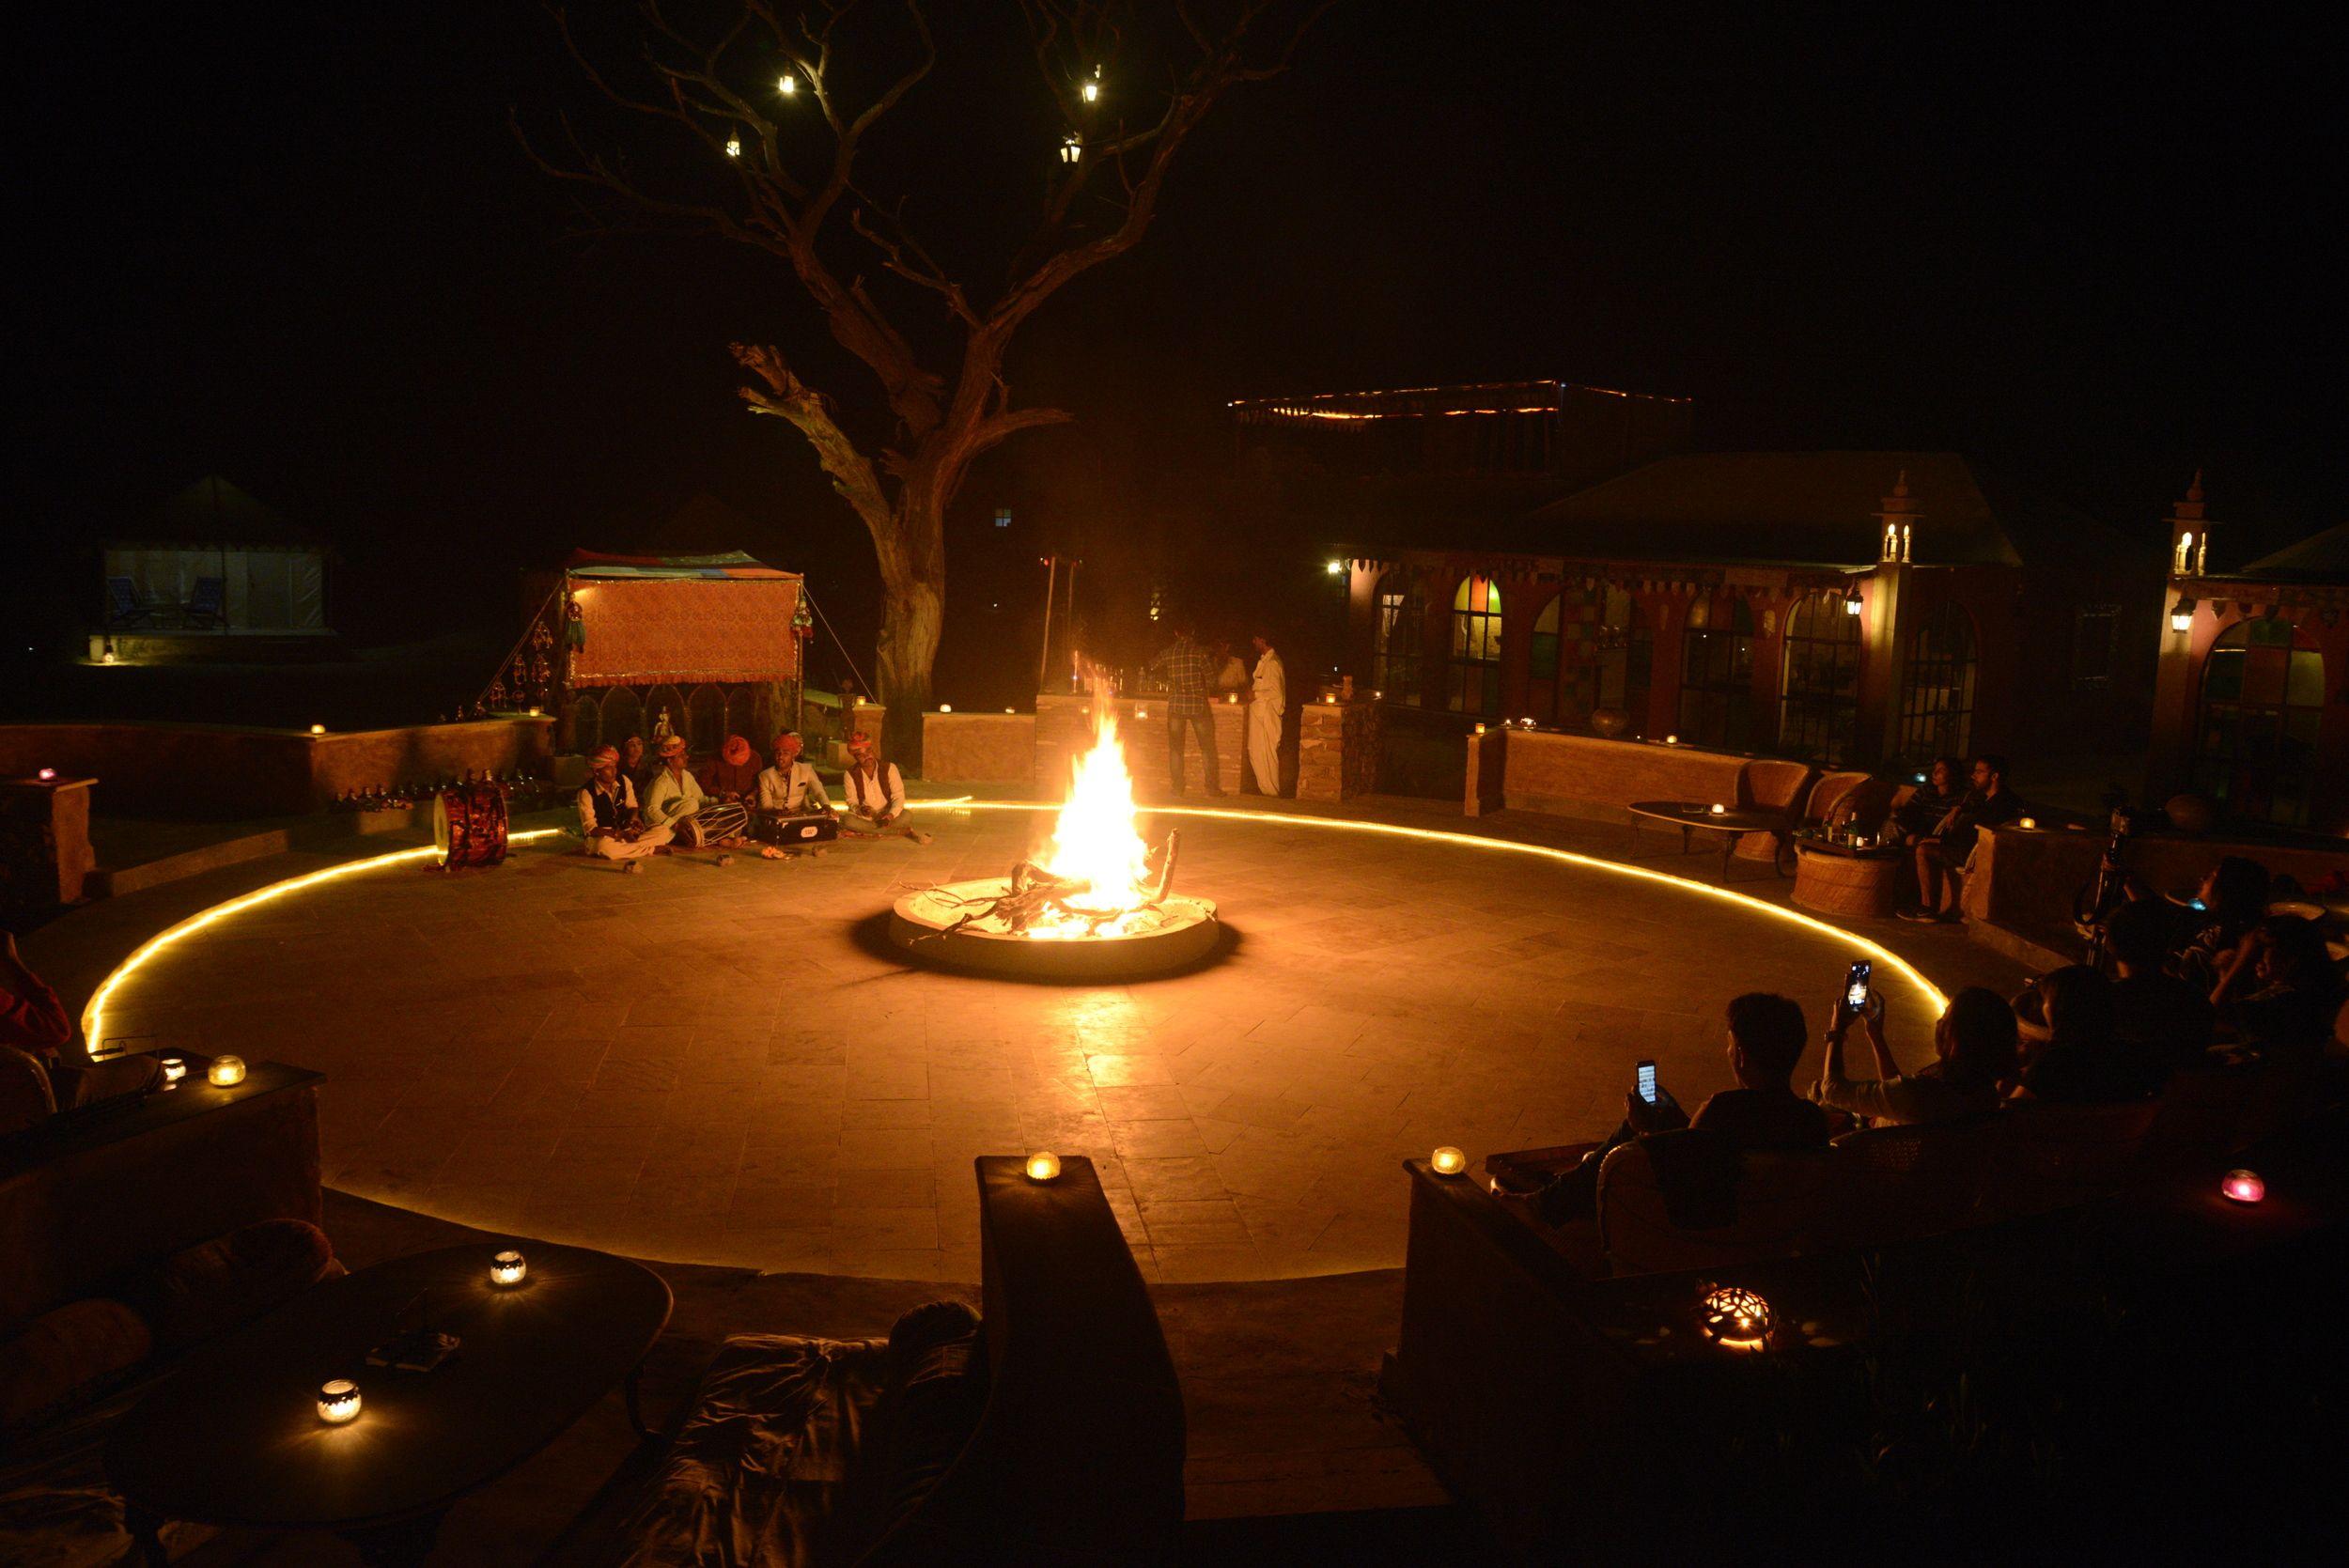 _IND5405.JPG Jaisalmer, Luxury tents